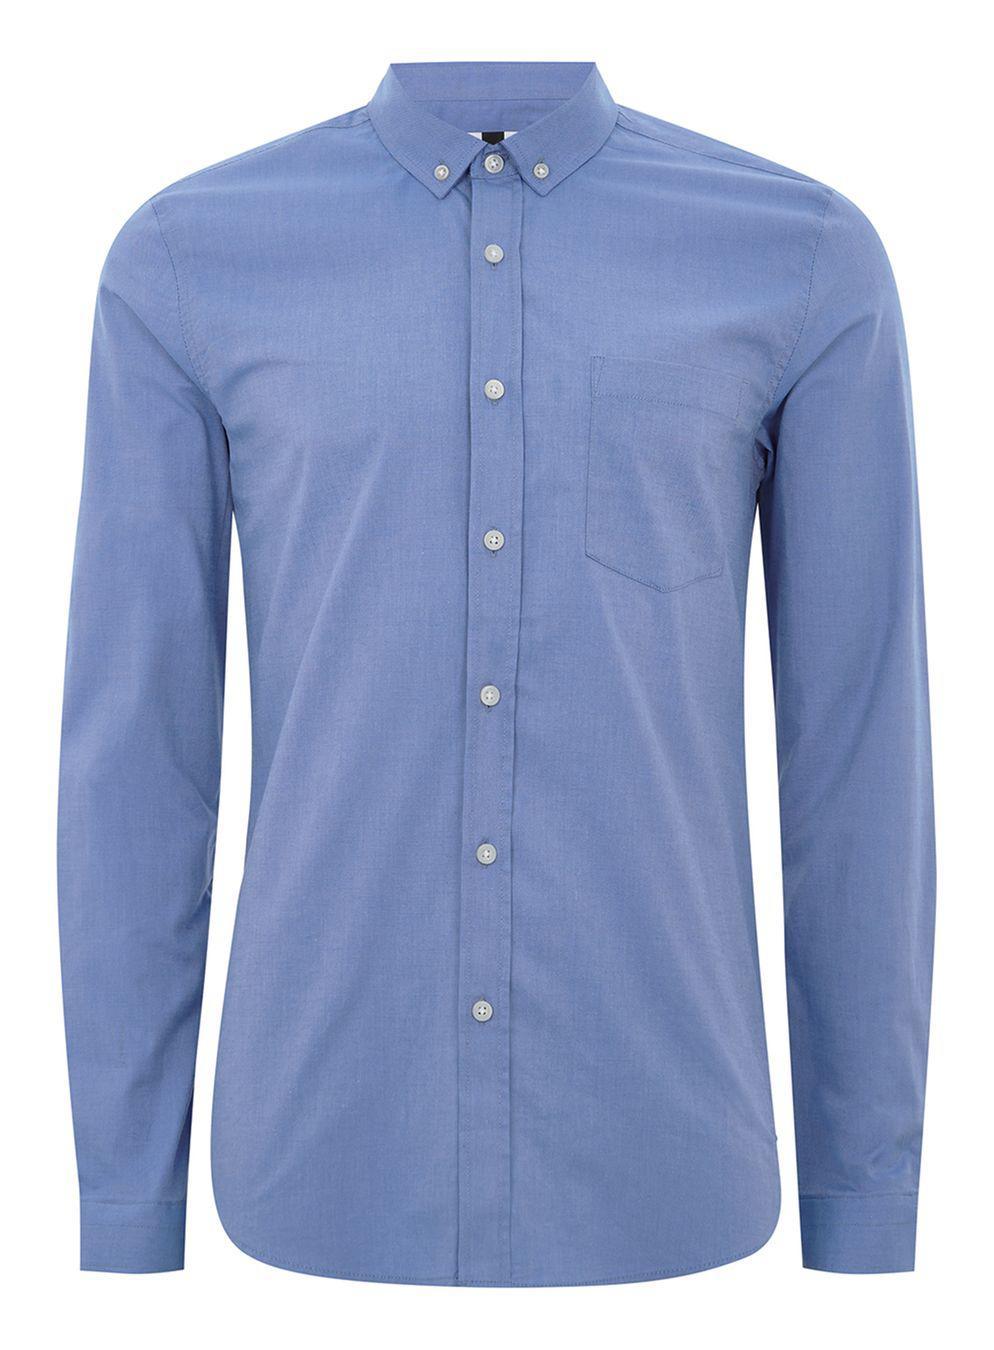 lyst topman dark blue muscle fit oxford shirt in blue